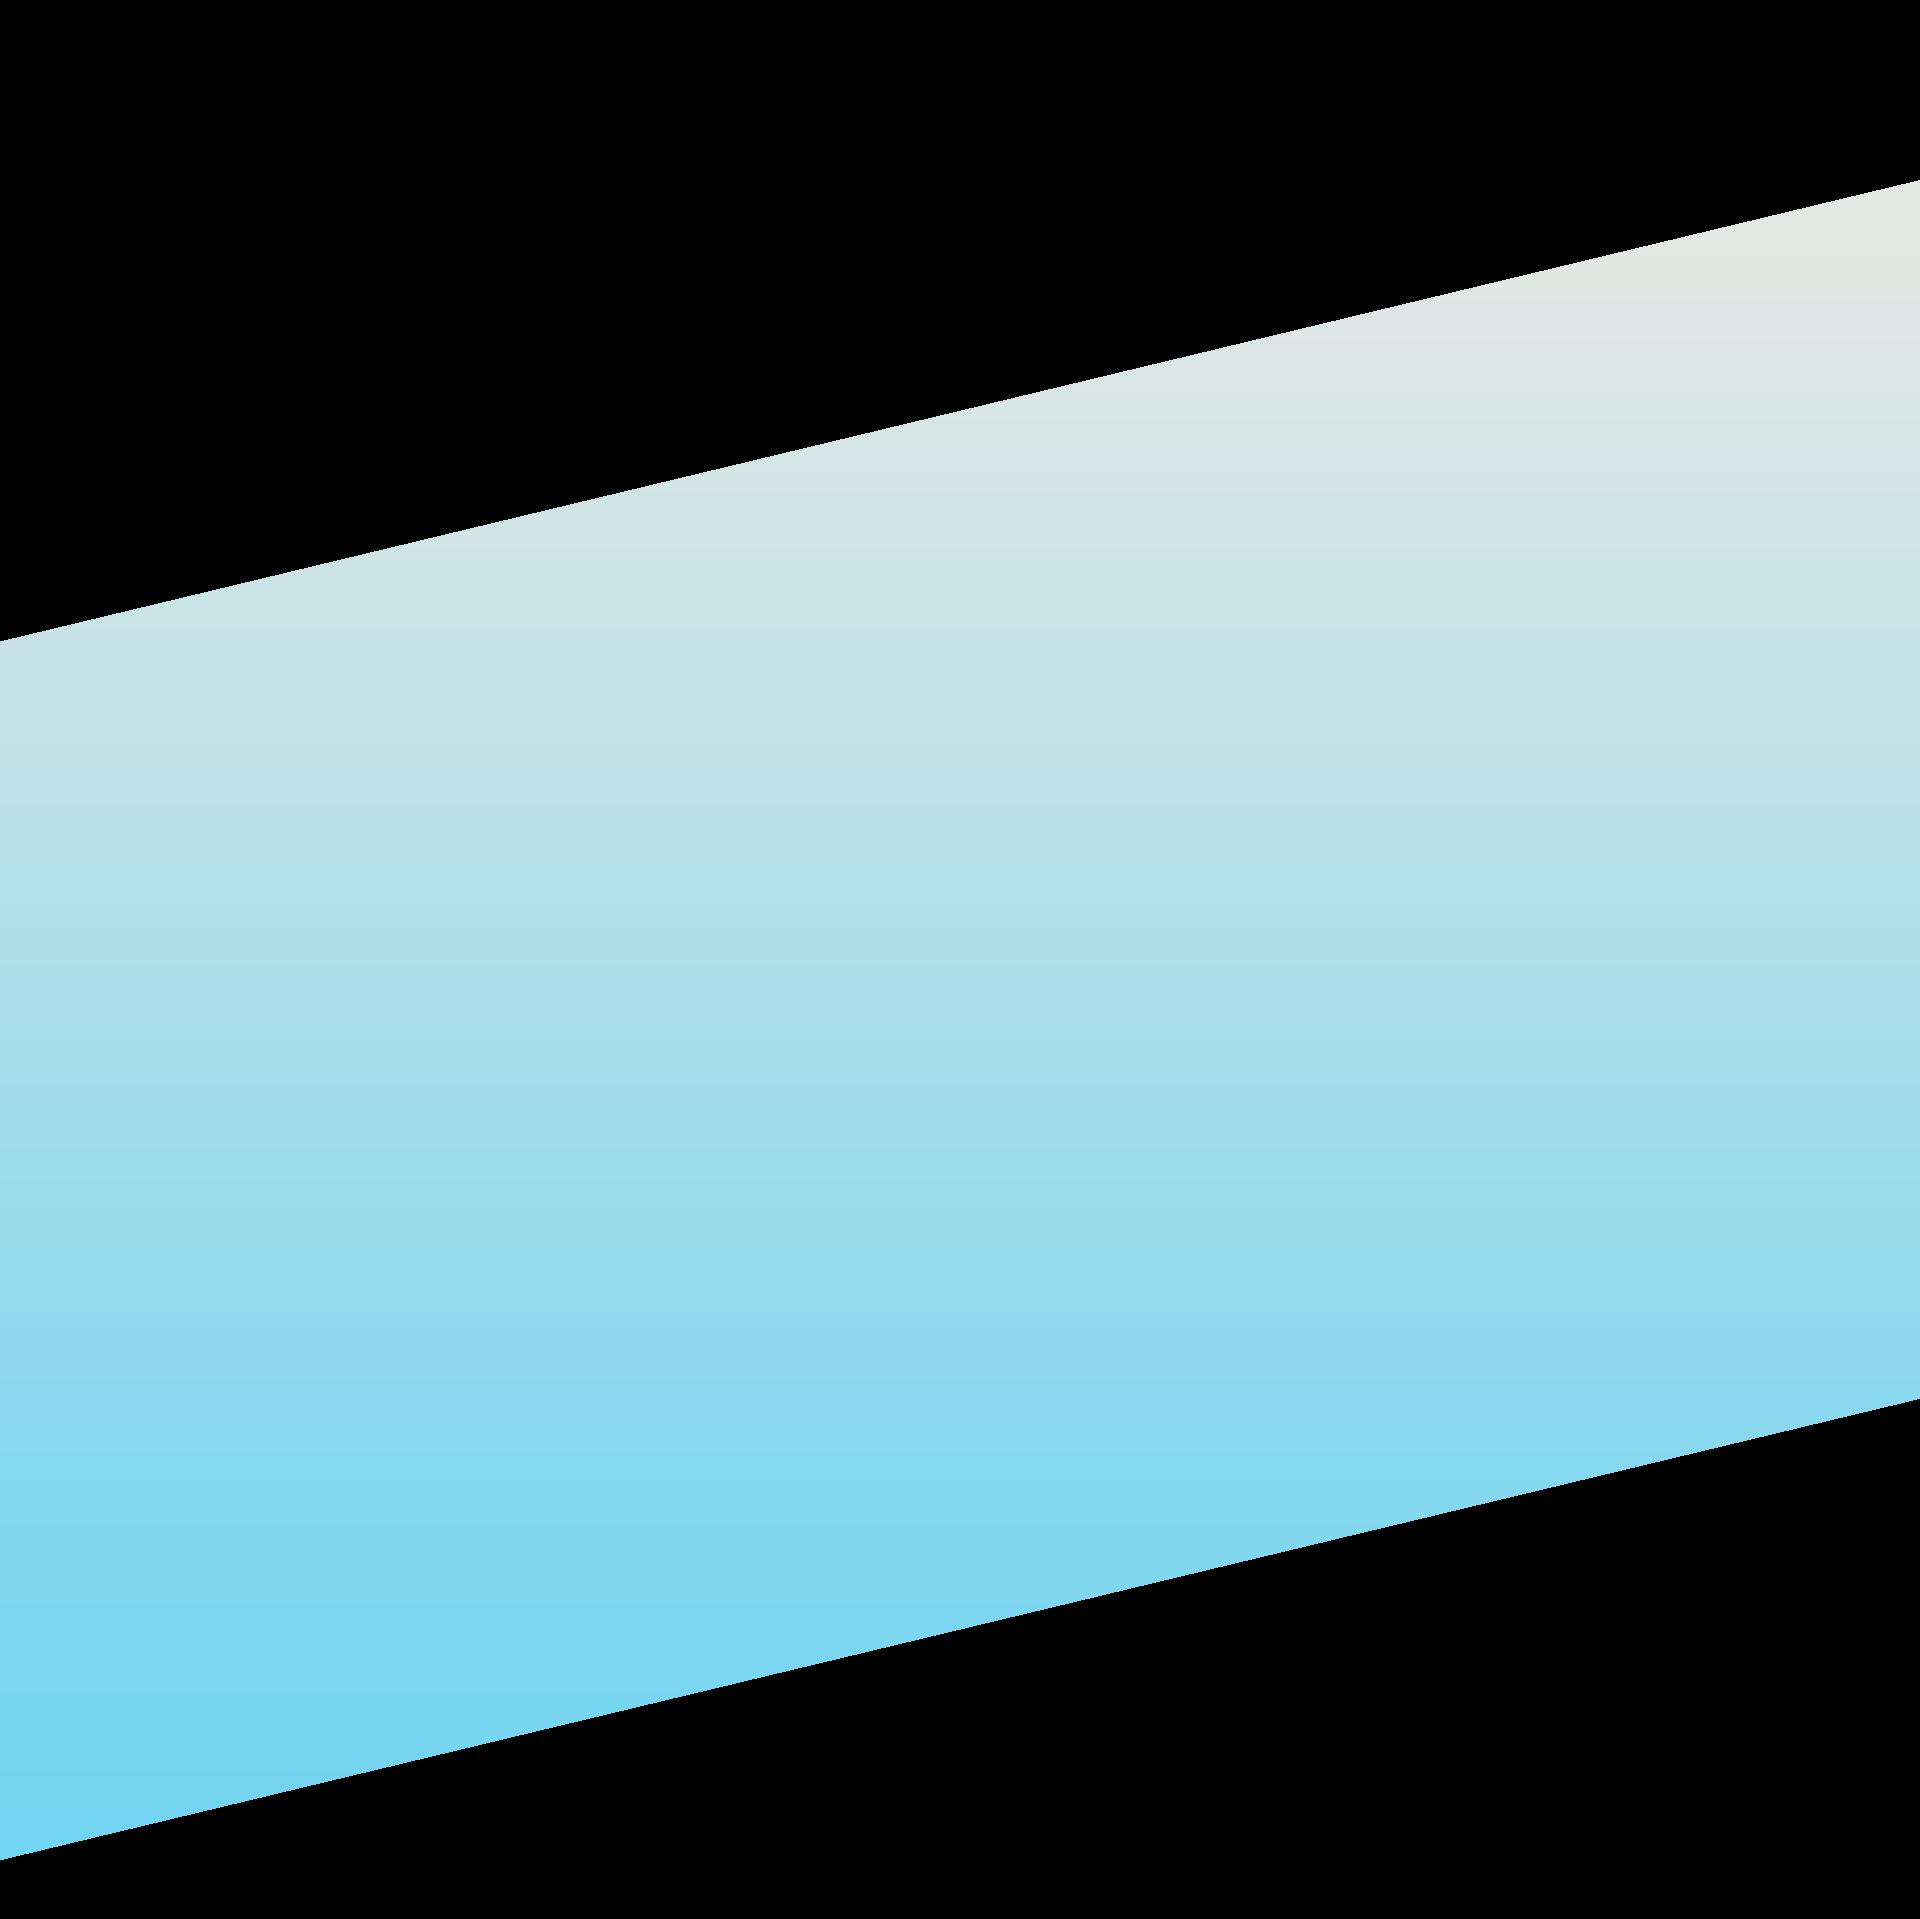 矩形-8.png